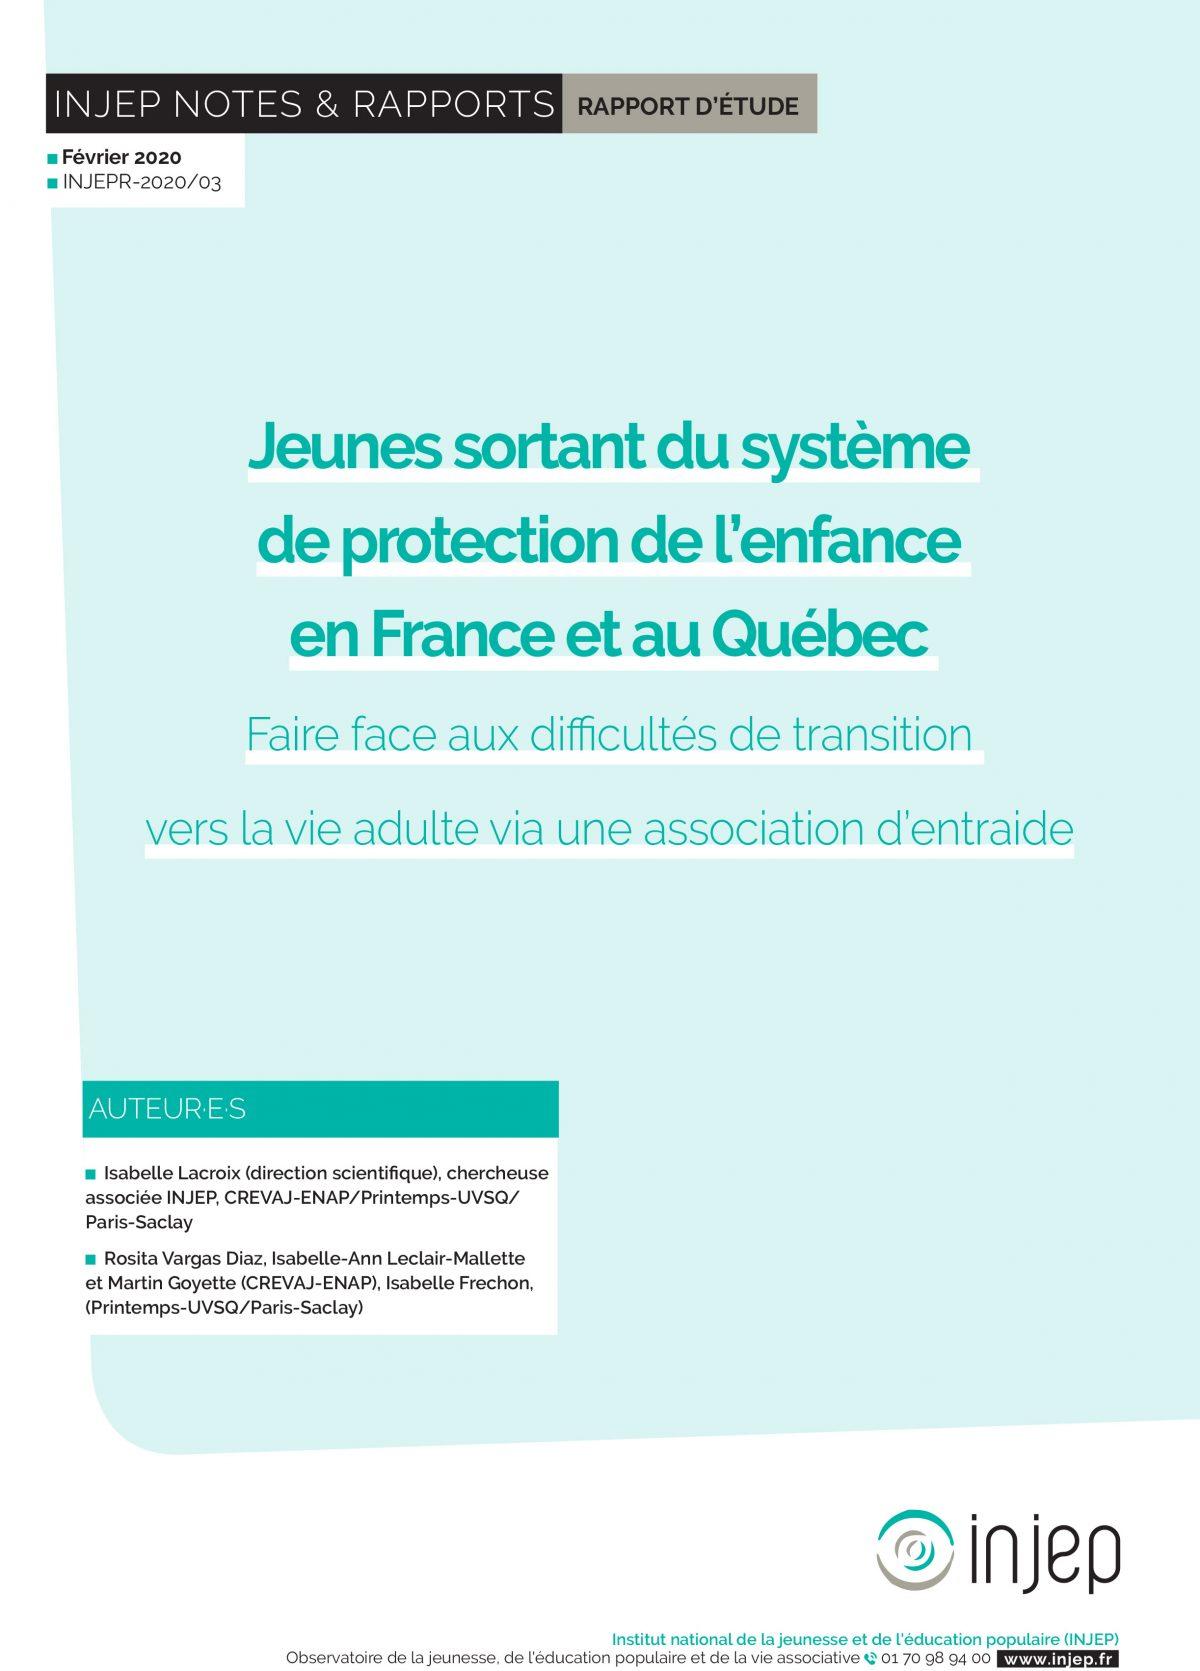 Jeunes sortant du système de protection de l'enfance en France et au Québec